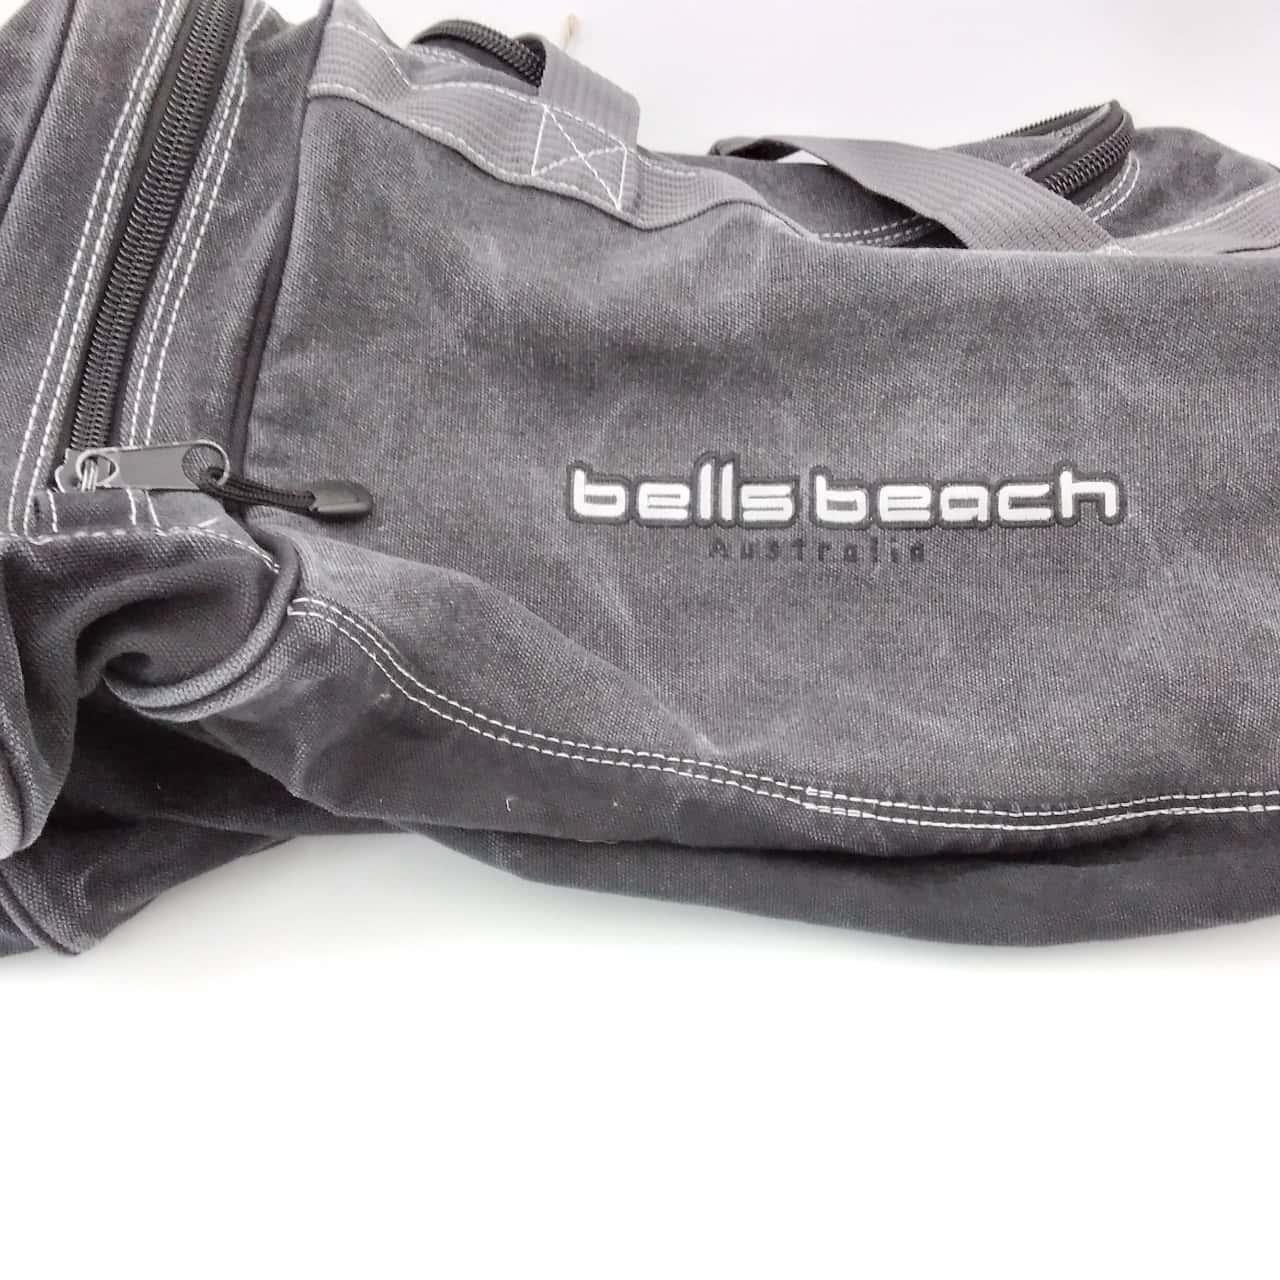 Bells Beach duffell bag